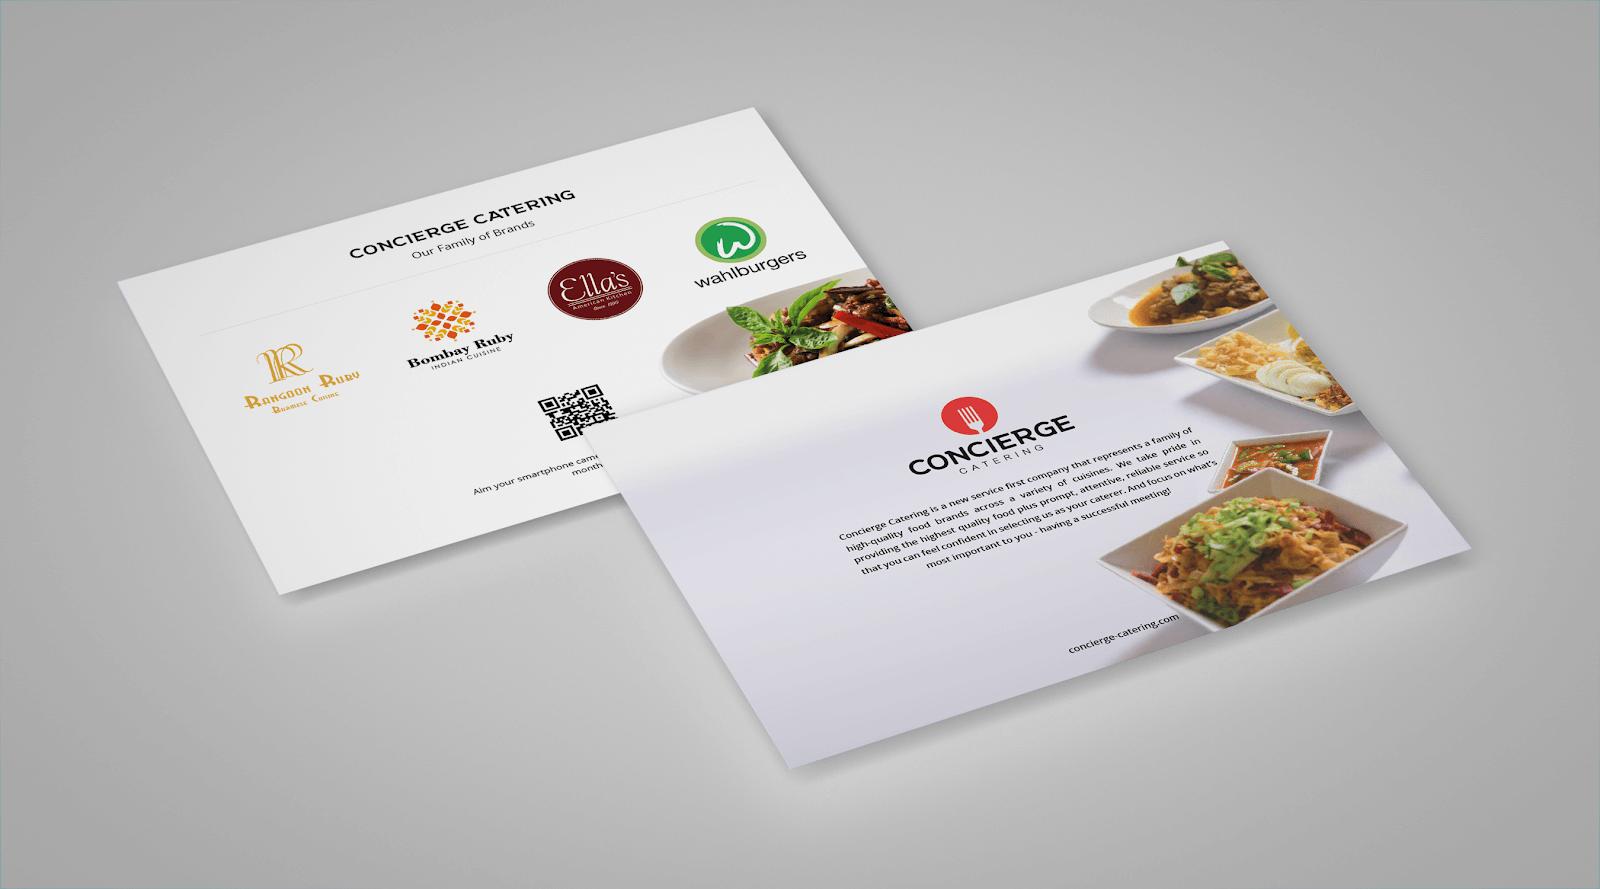 Concierge catering brochures